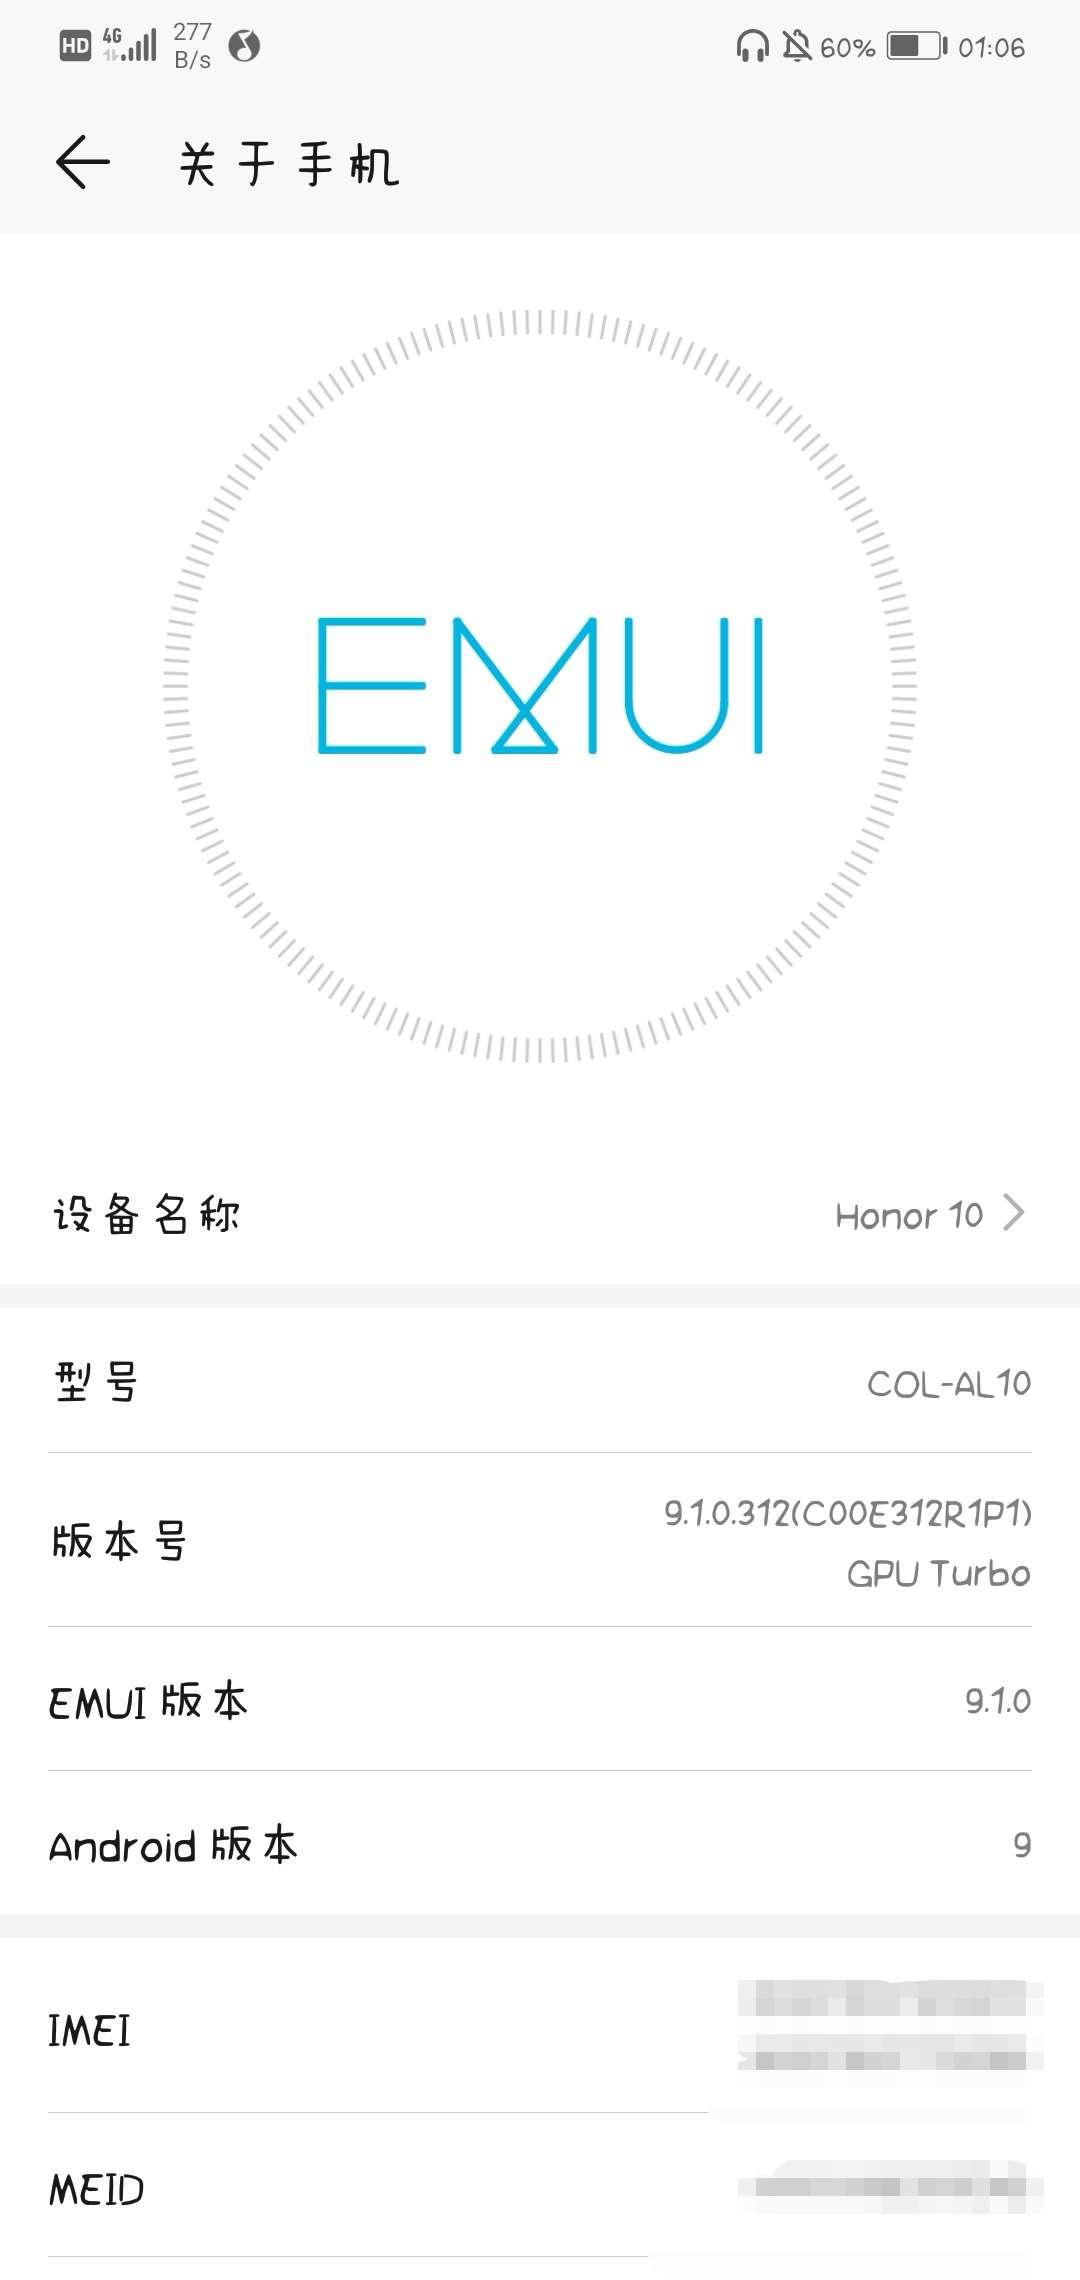 6月1日下午我的荣耀10更新了emui9.1公测版,为什么此次更新没有方舟编译器和AR测量仪?不是说emui9.1就有的吗?